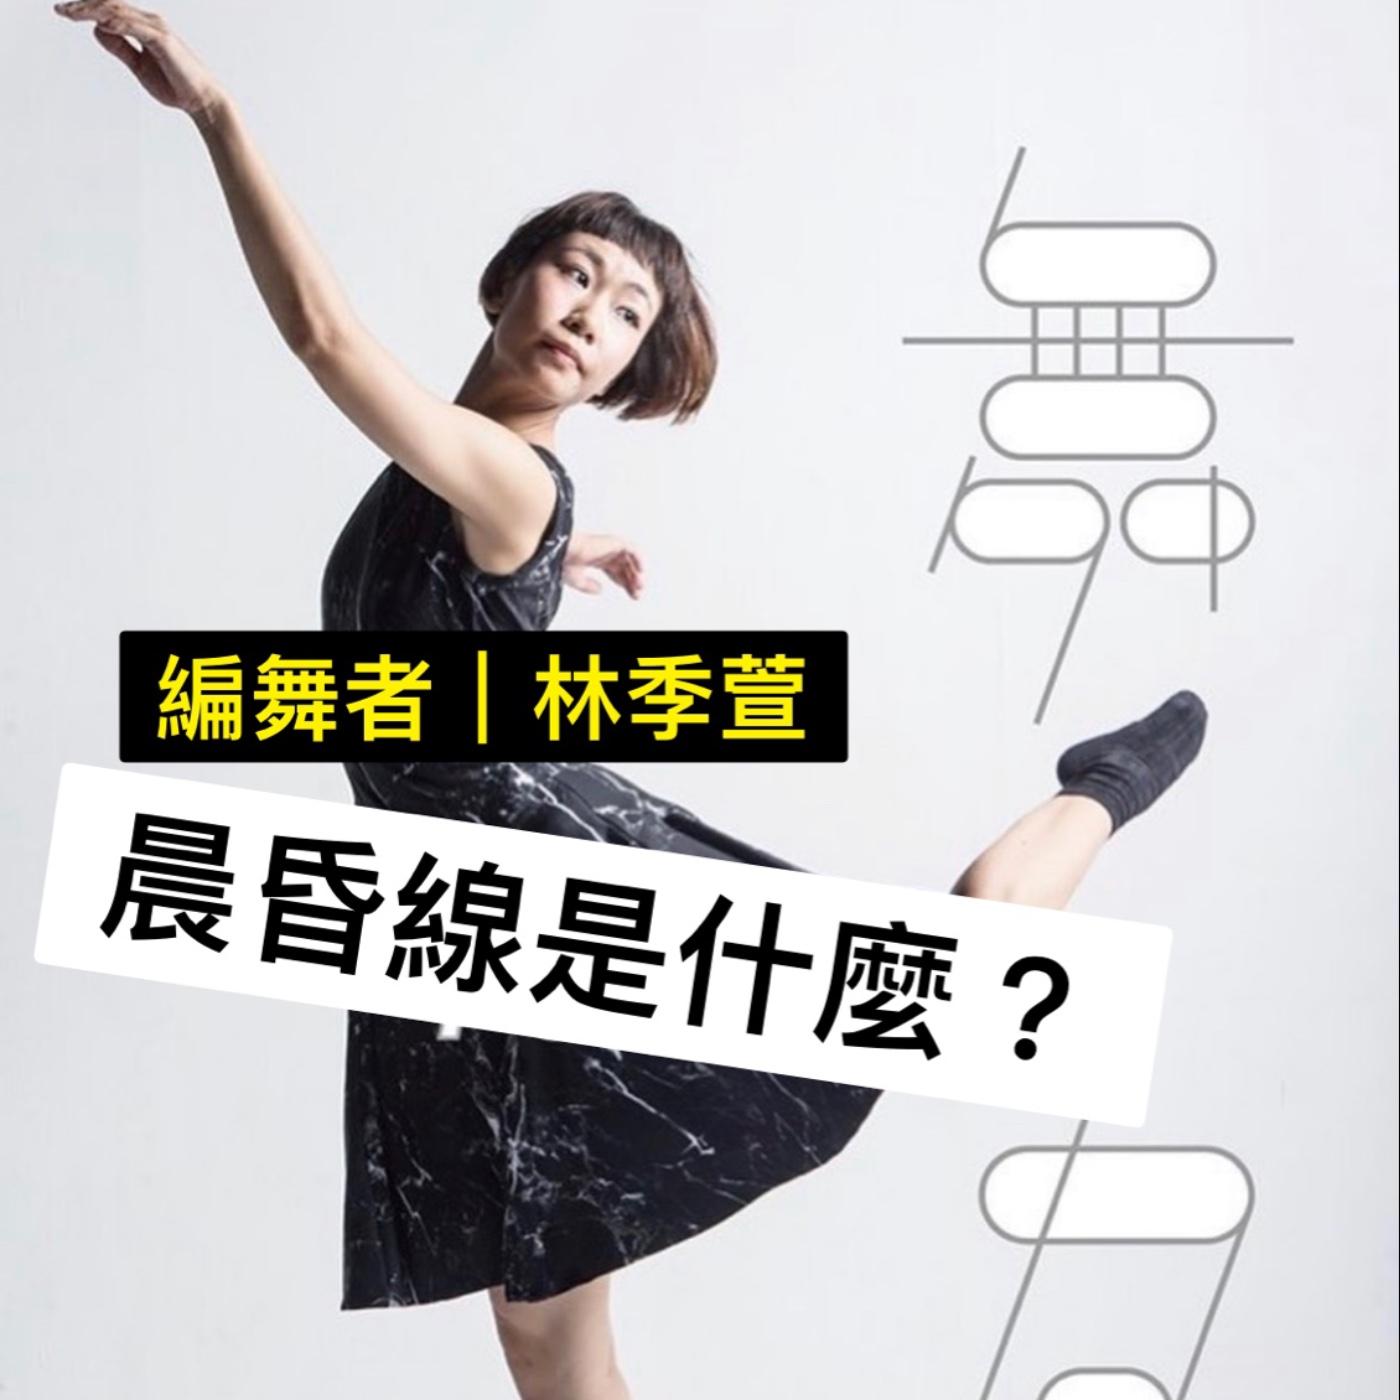 EP6《勥之2》編舞者舞蹈生涯中的瓶頸,創作不為人知的秘密!到底「晨昏線」是甚麼?